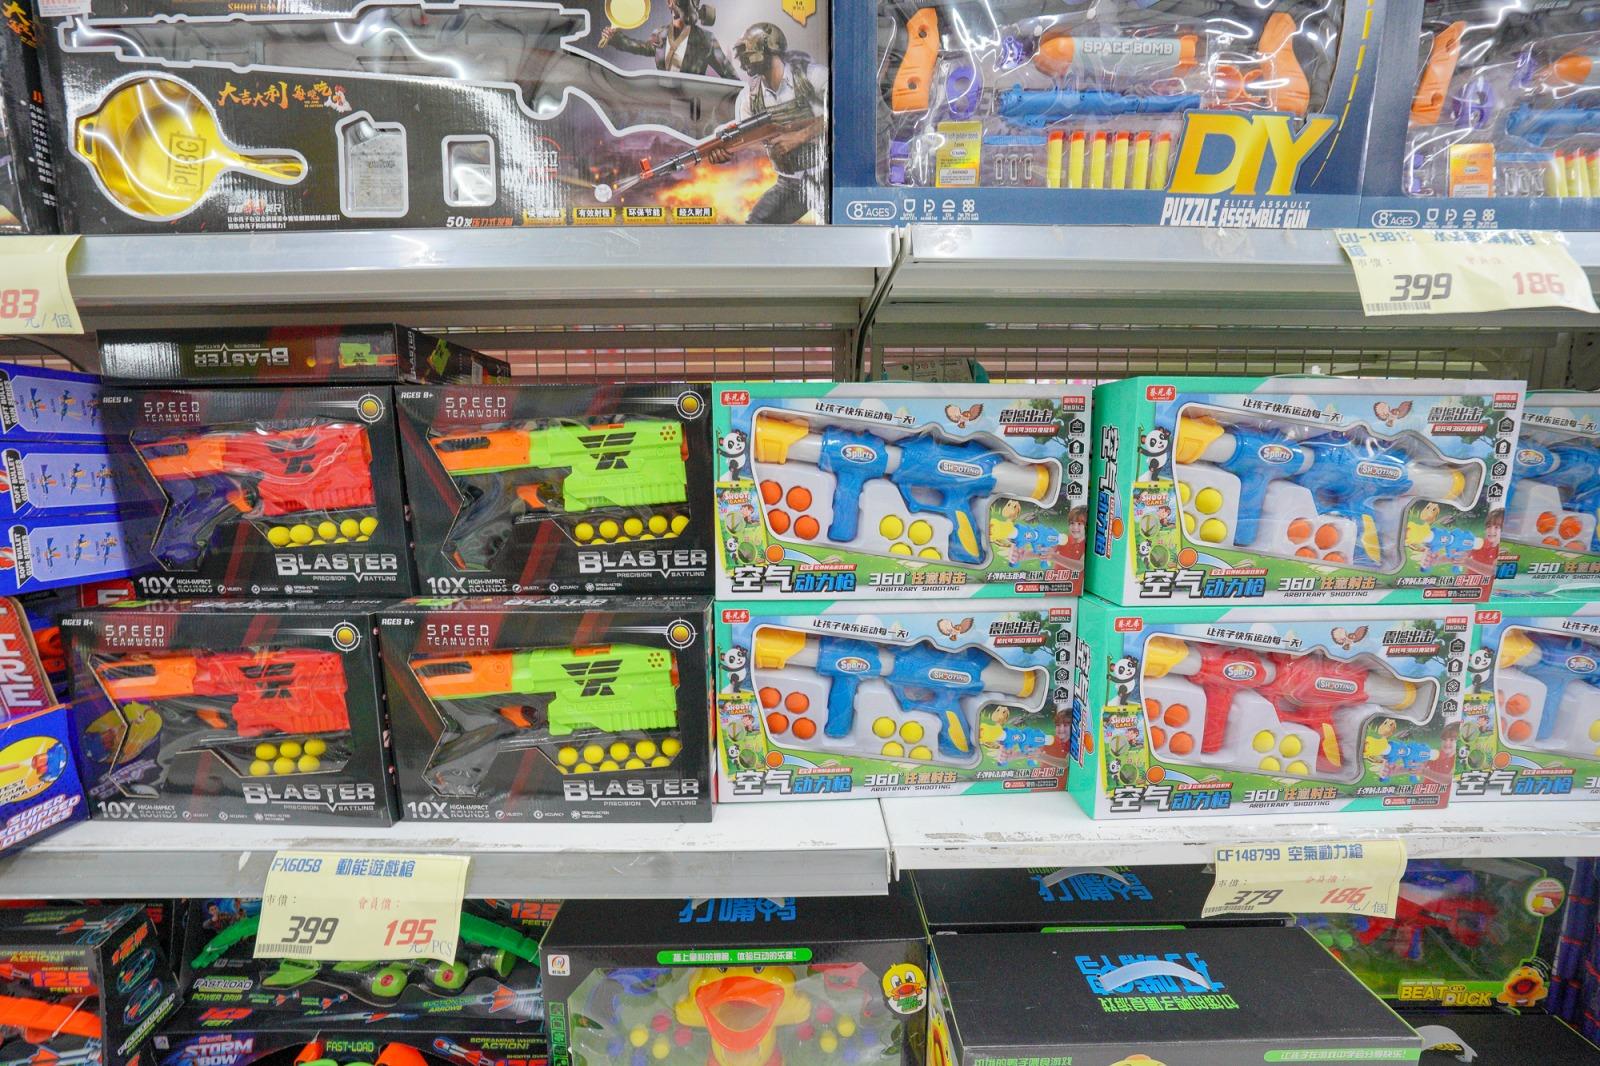 台中景點》春日部玩具批發超市~超多款100元玩具,CP值超高,150坪玩具超市超好逛,批發價不騙人